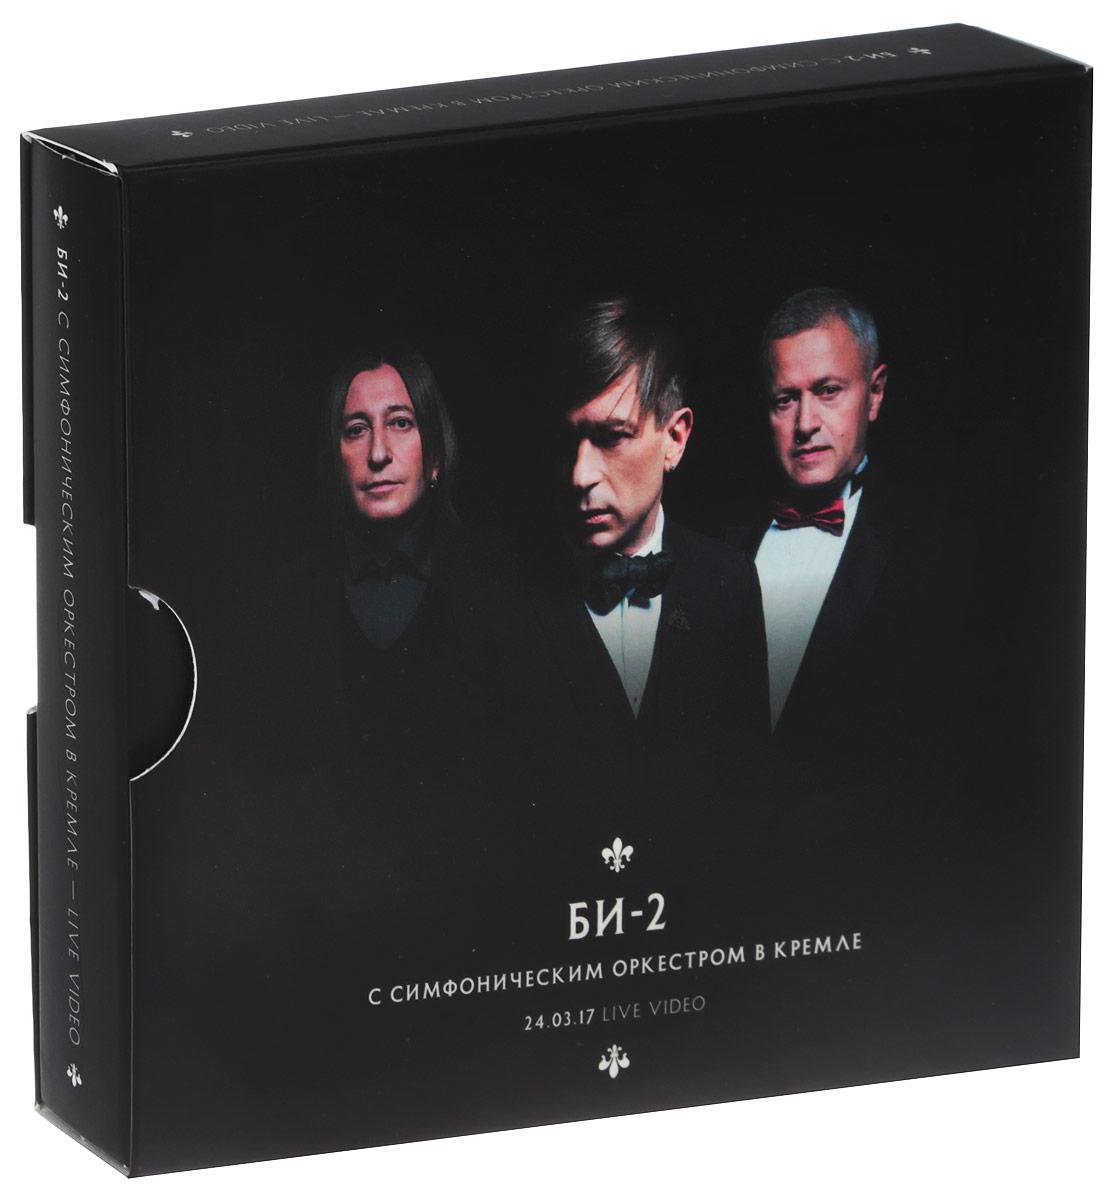 Би-2 Би-2 с симфоническим оркестром в Кремле (2 CD + DVD) би 2 иномарки cd